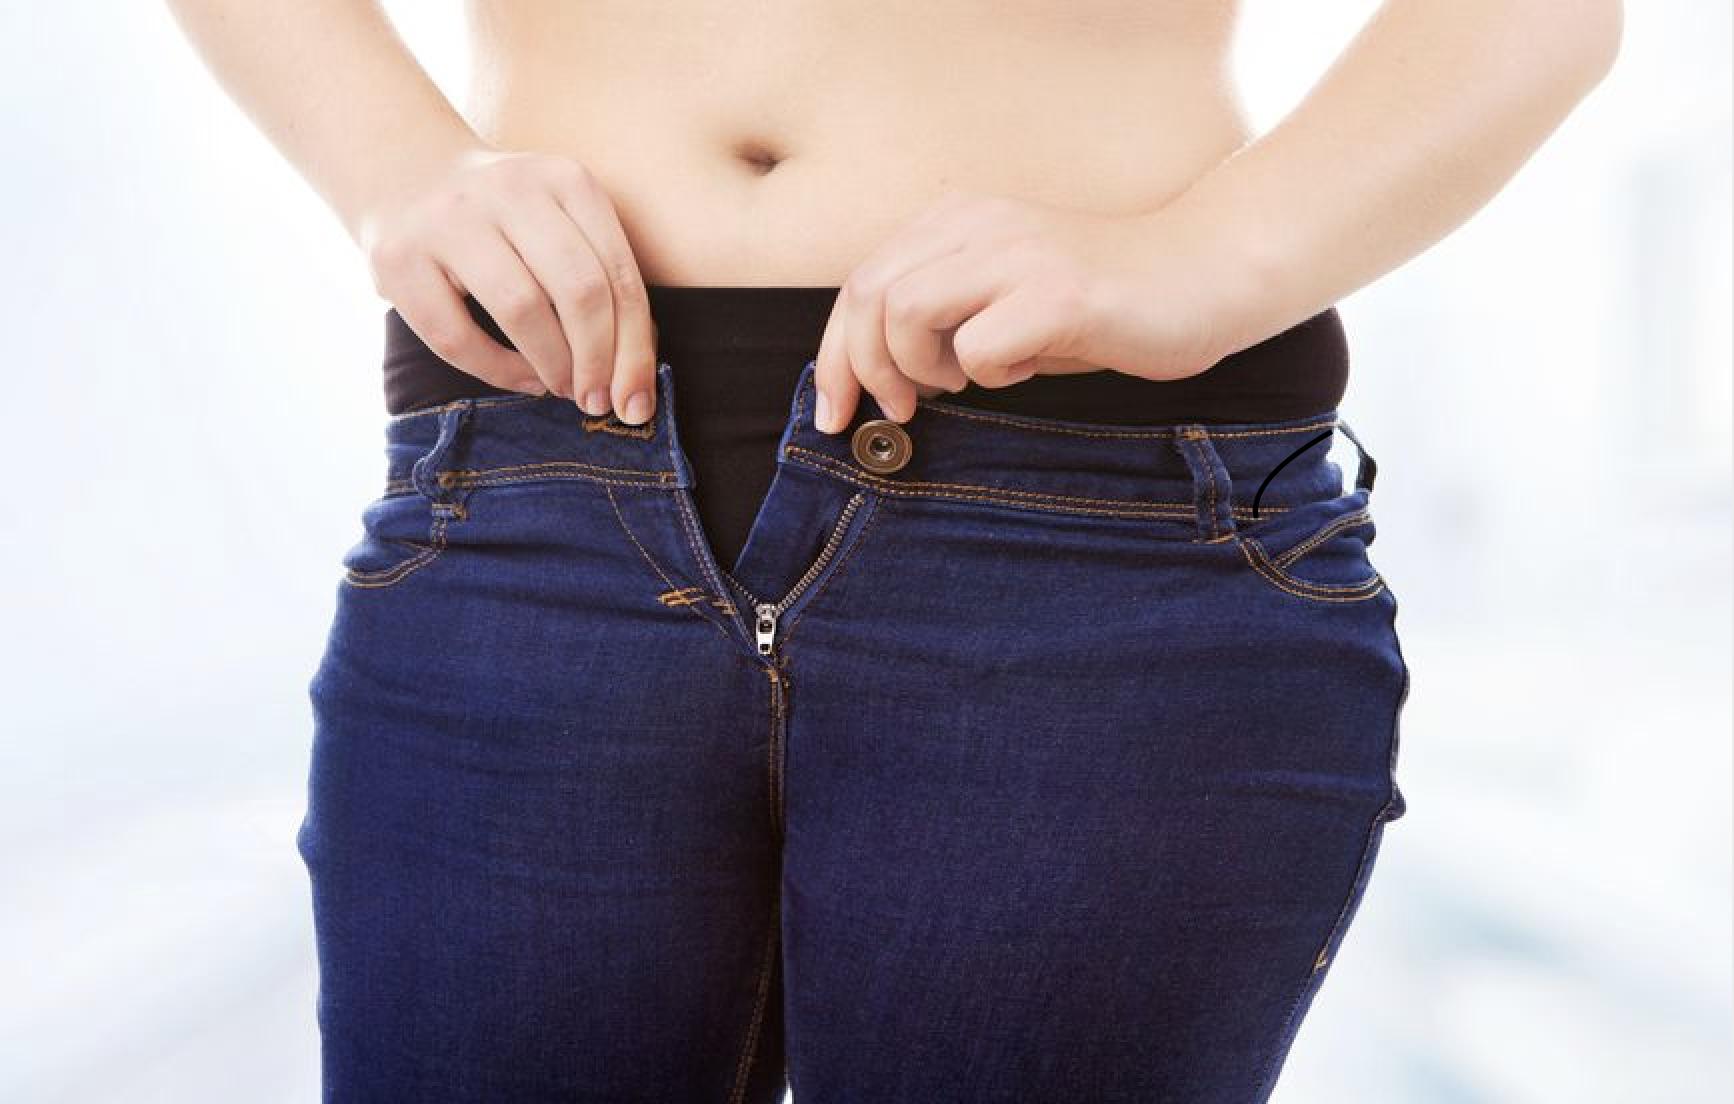 太ってパンツが入らない女性